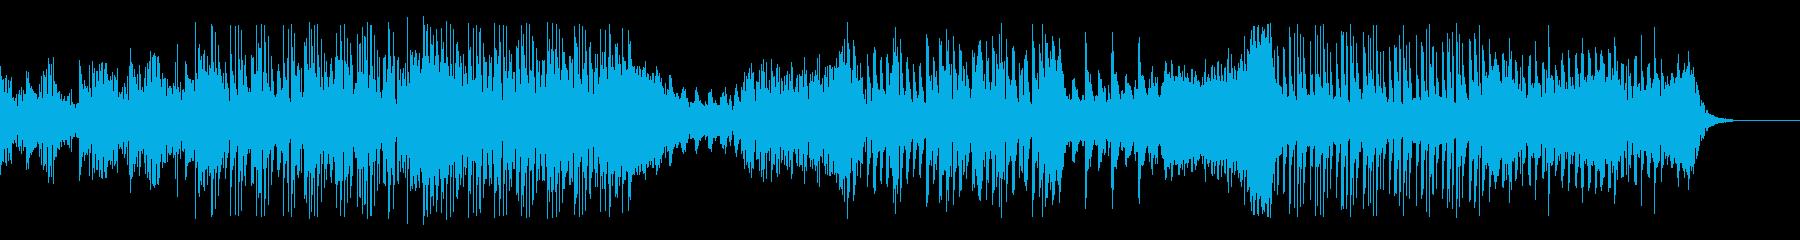 疾走感のあるテクノ、テックハウスの再生済みの波形